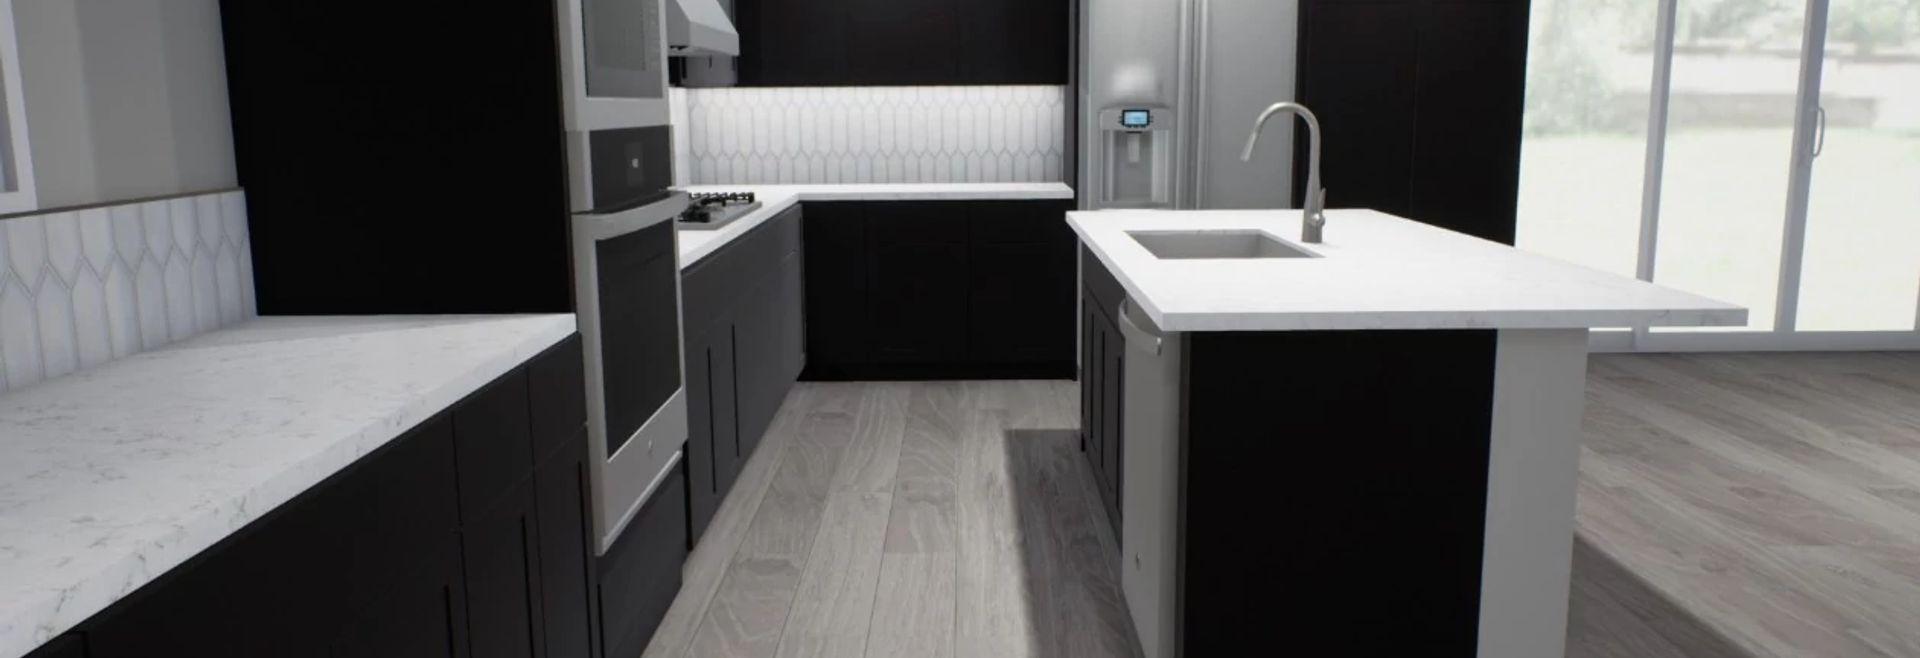 Virtual Kitchen Rendering